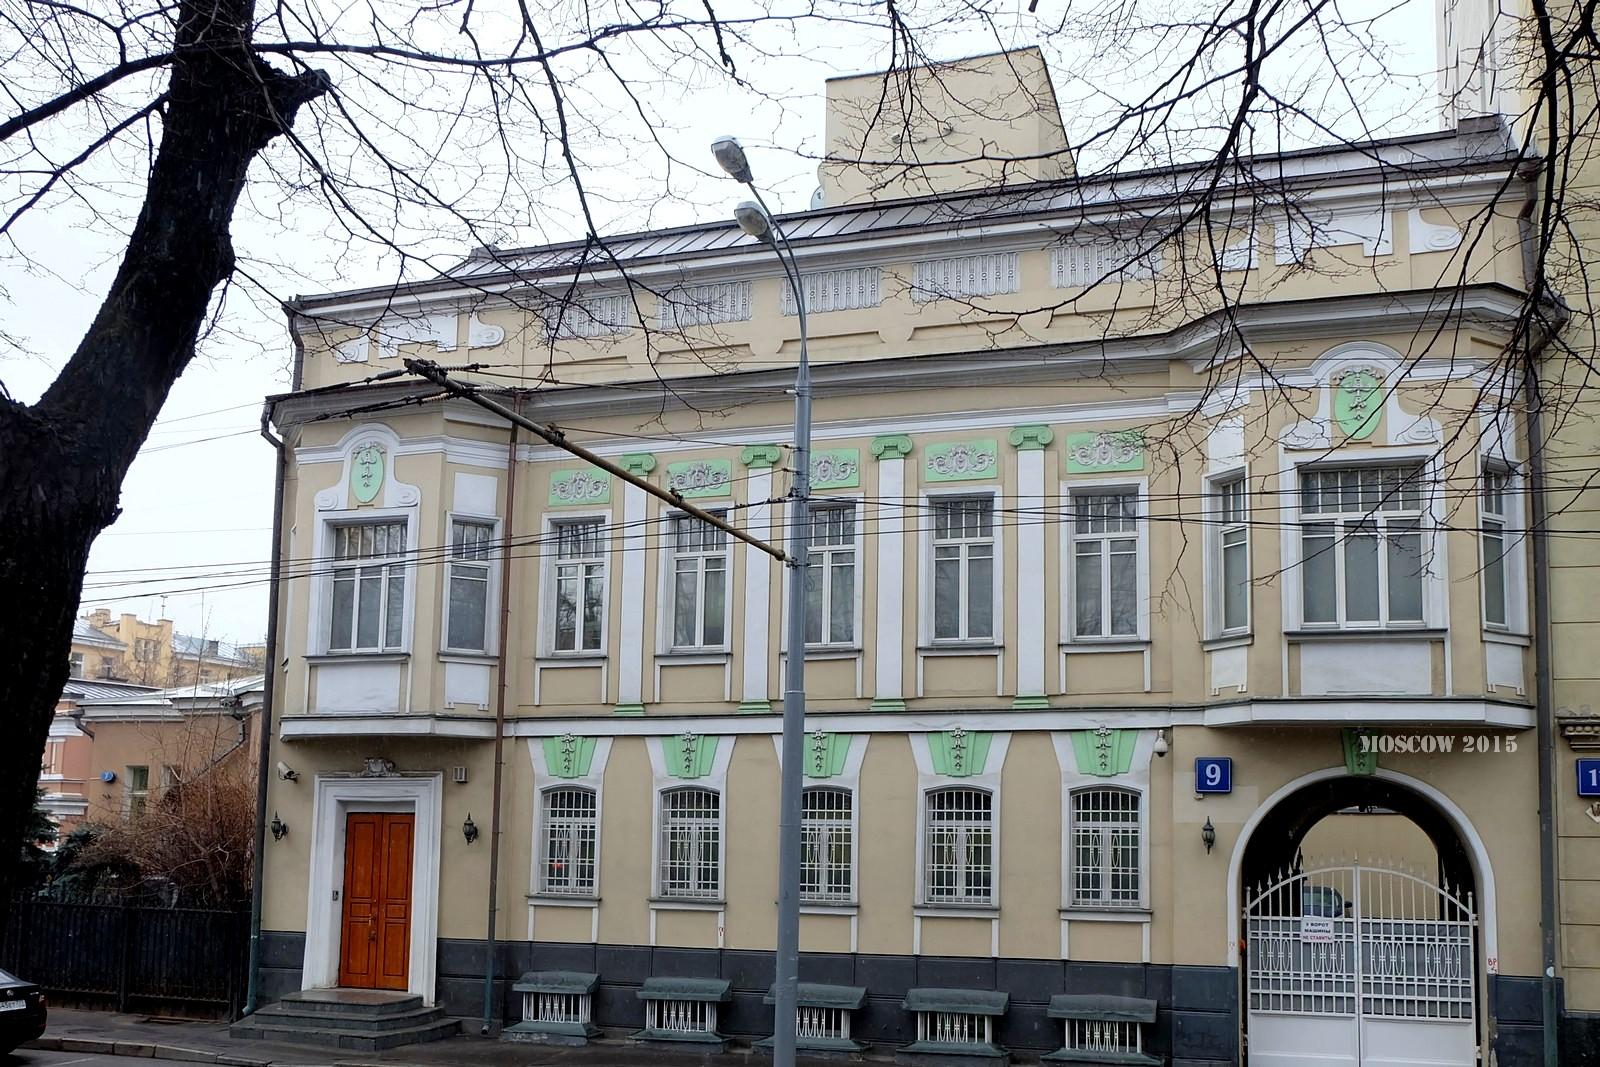 Горьковский бульвар, Москва